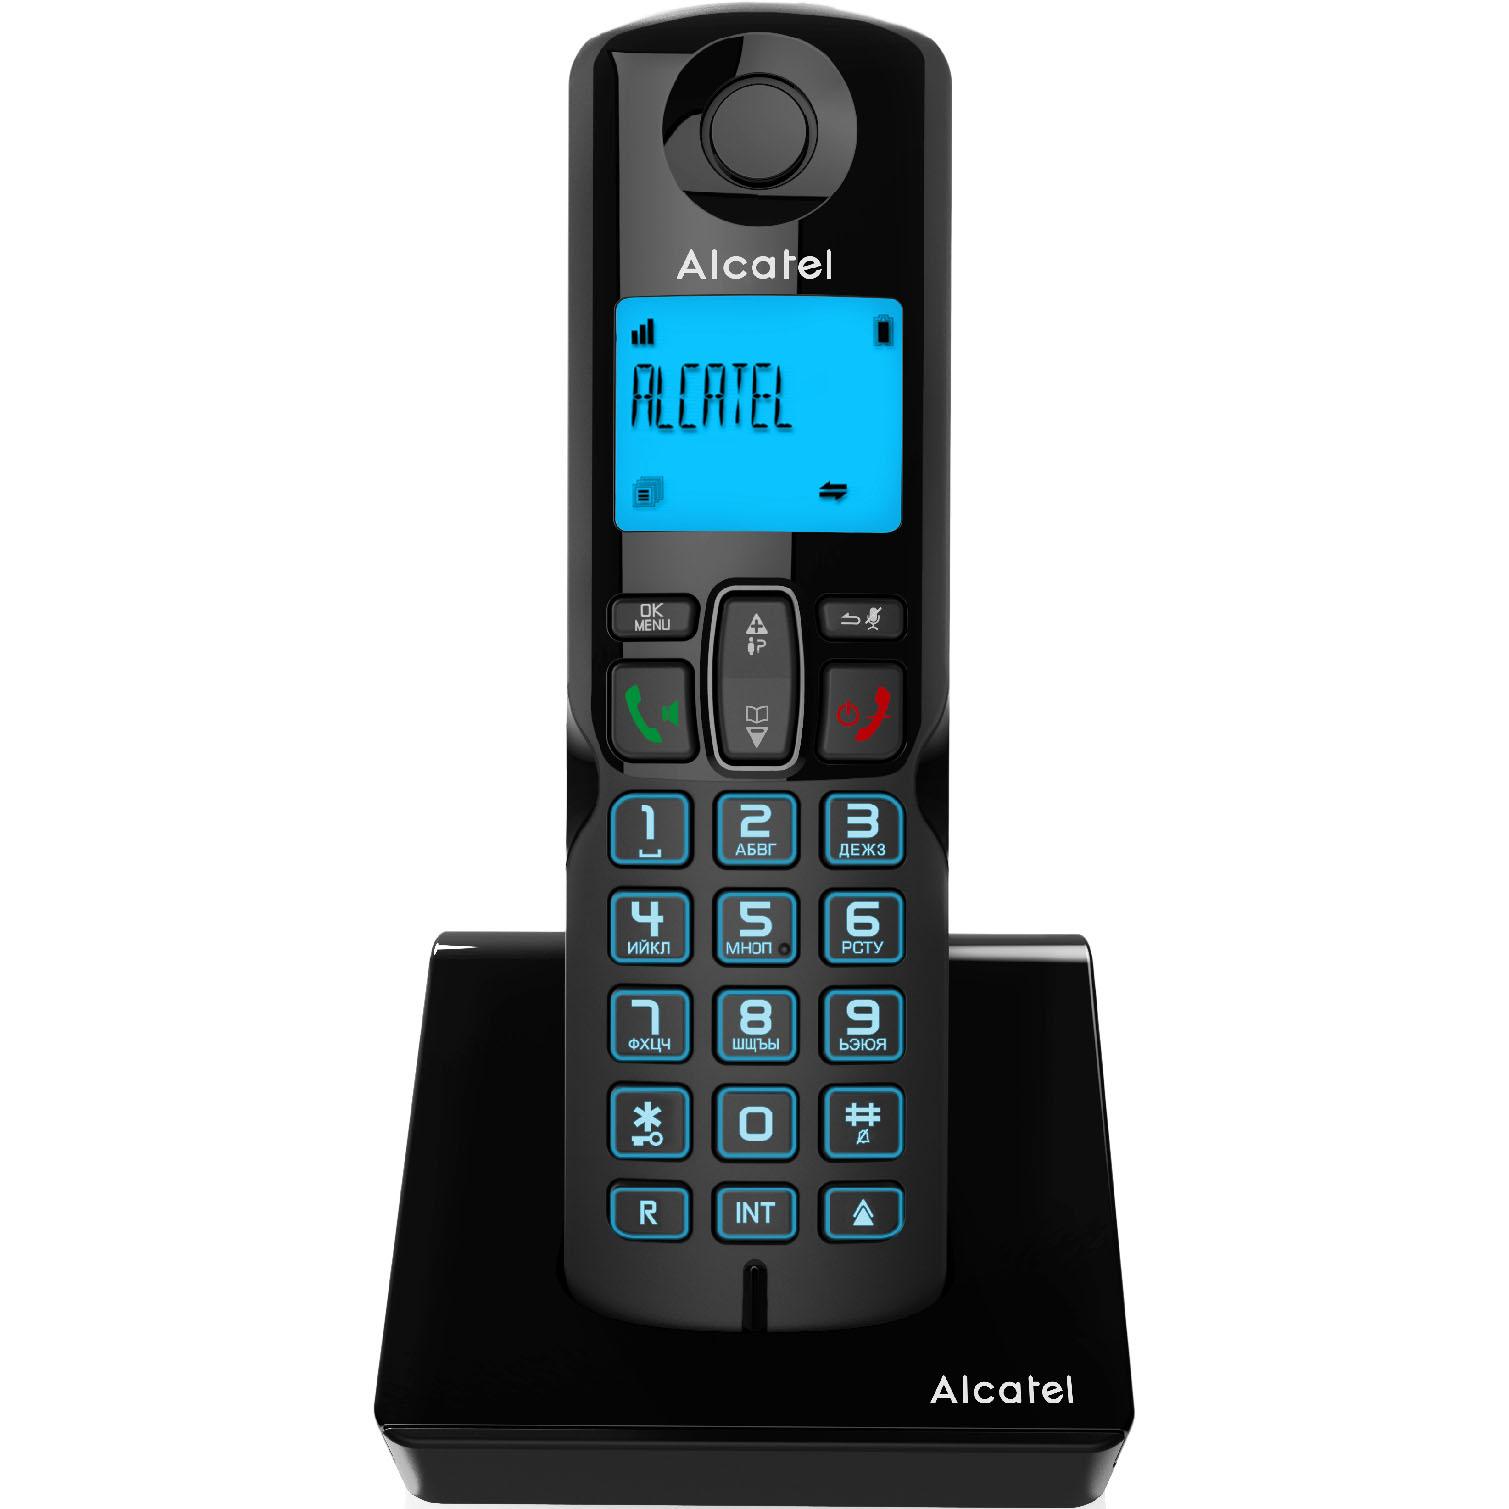 Фото - Радиотелефон Alcatel S250 Ru Black радиотелефон alcatel e192 duo ru black